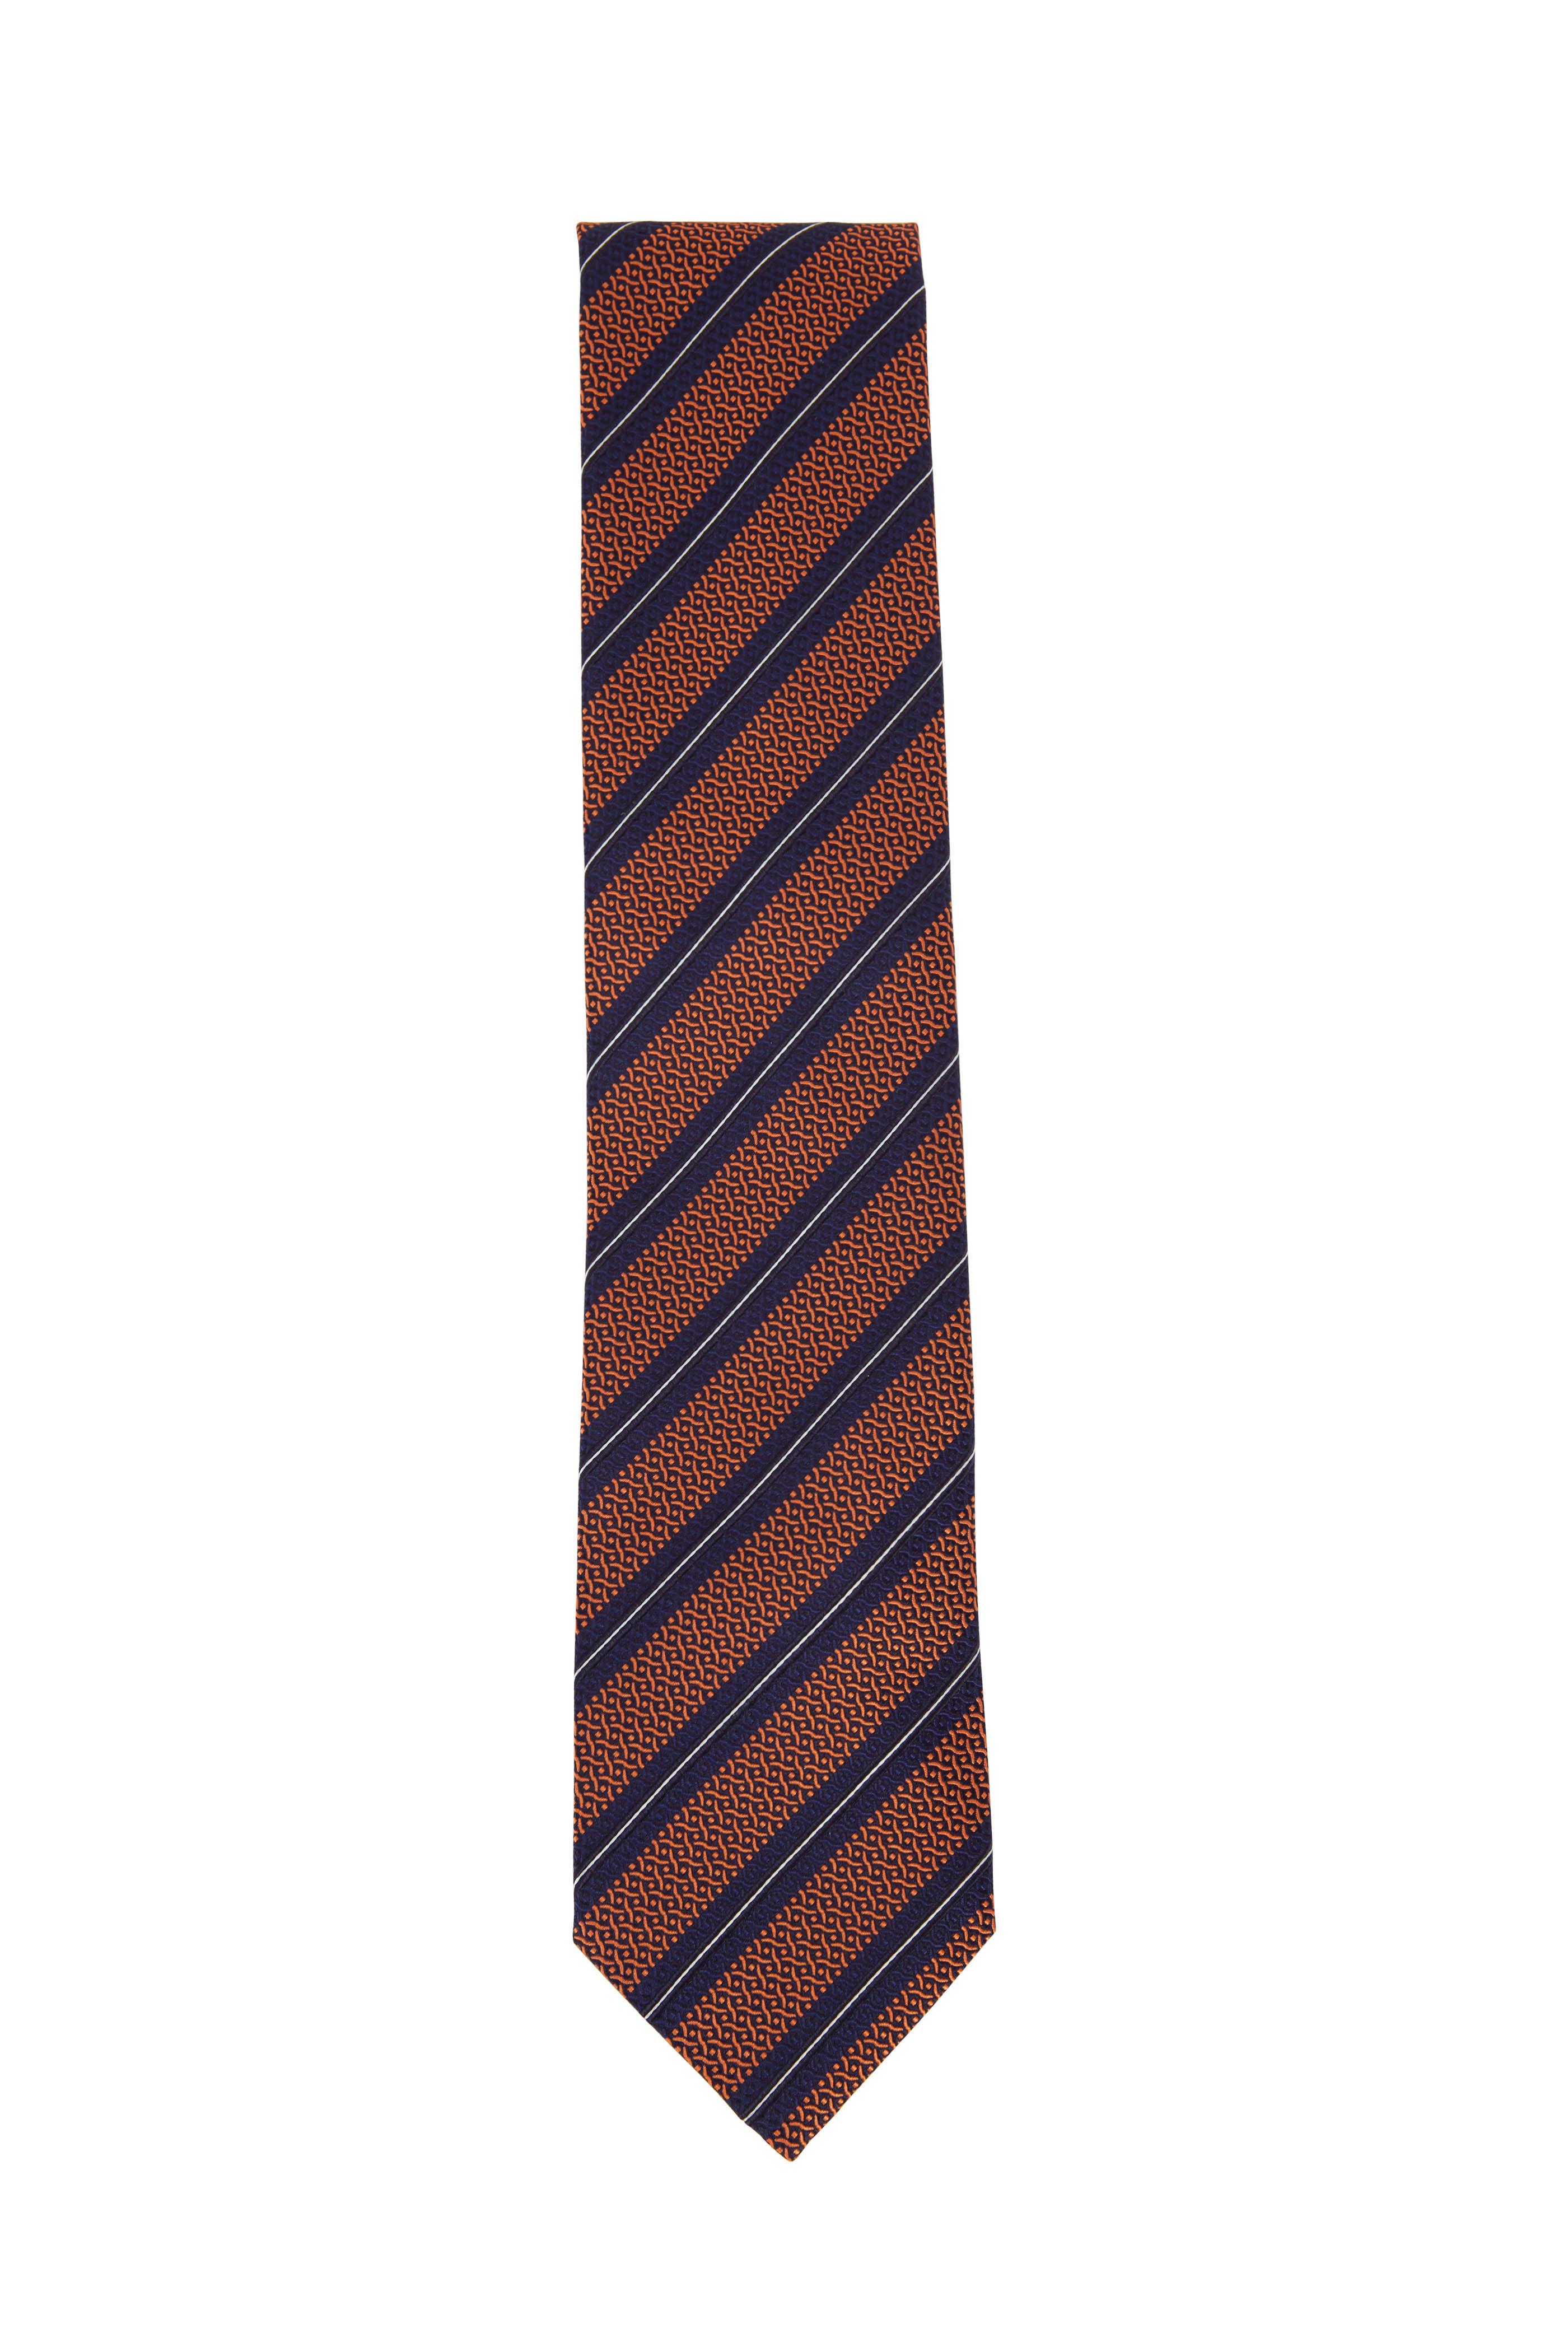 9d08ac71 Ermenegildo Zegna - Orange & Navy Diagonal Striped Silk Necktie ...